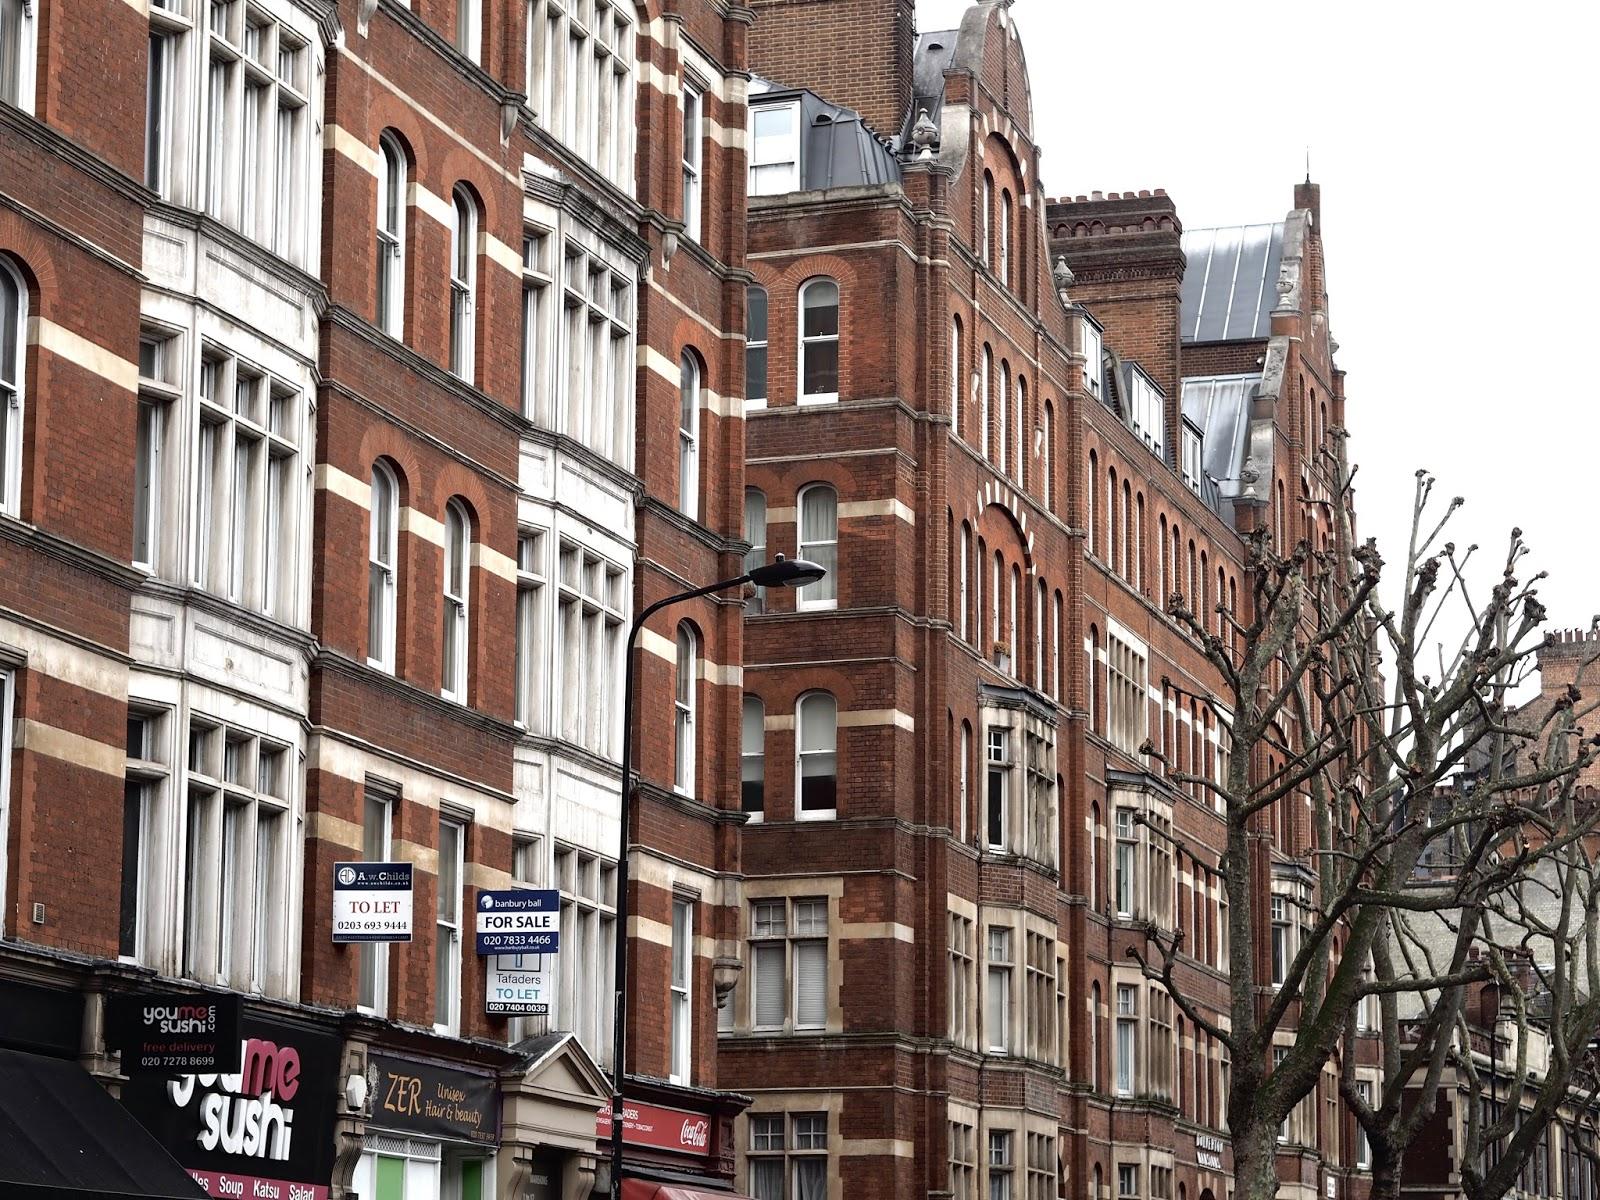 LONDON DIARY I. 9